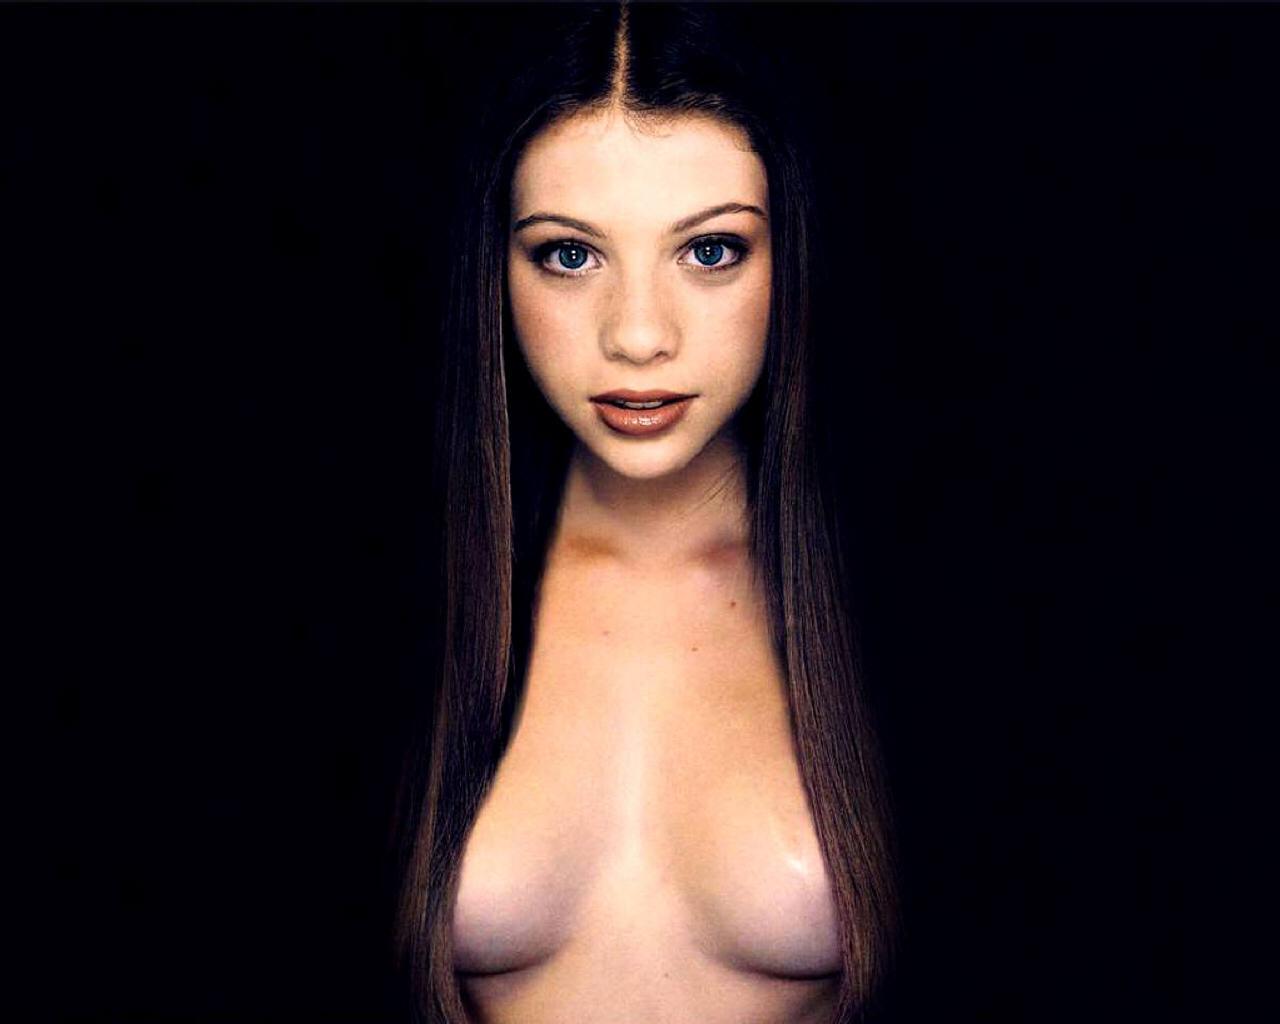 Michelle trachtenberg boobs